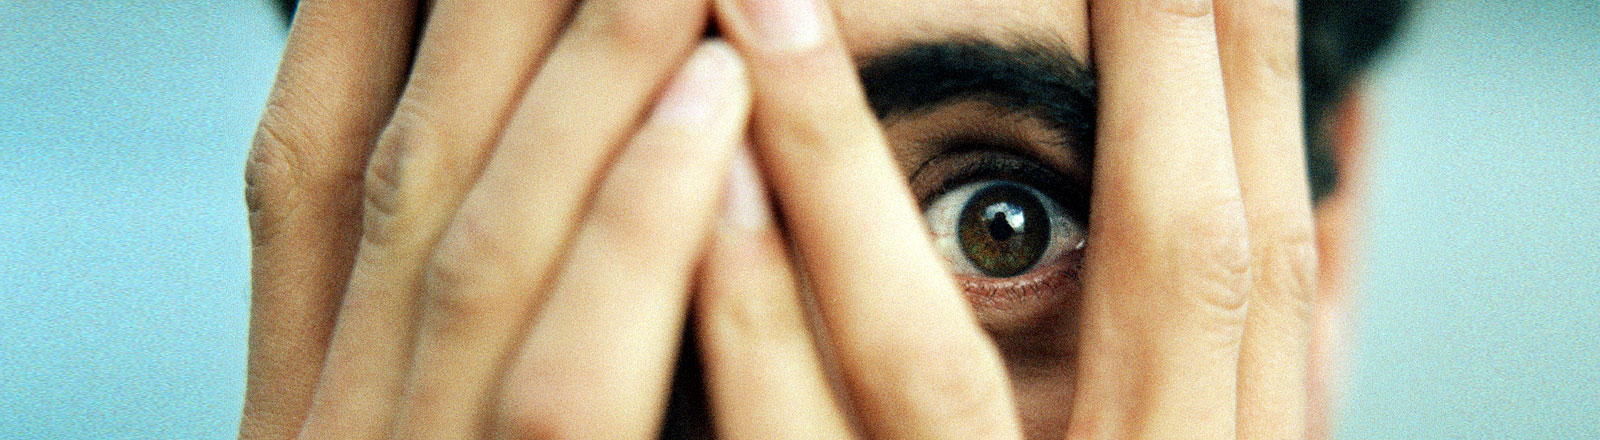 Ein Mann versteckt sich hinter seinen Händen, nur sein Auge ist zu sehen.